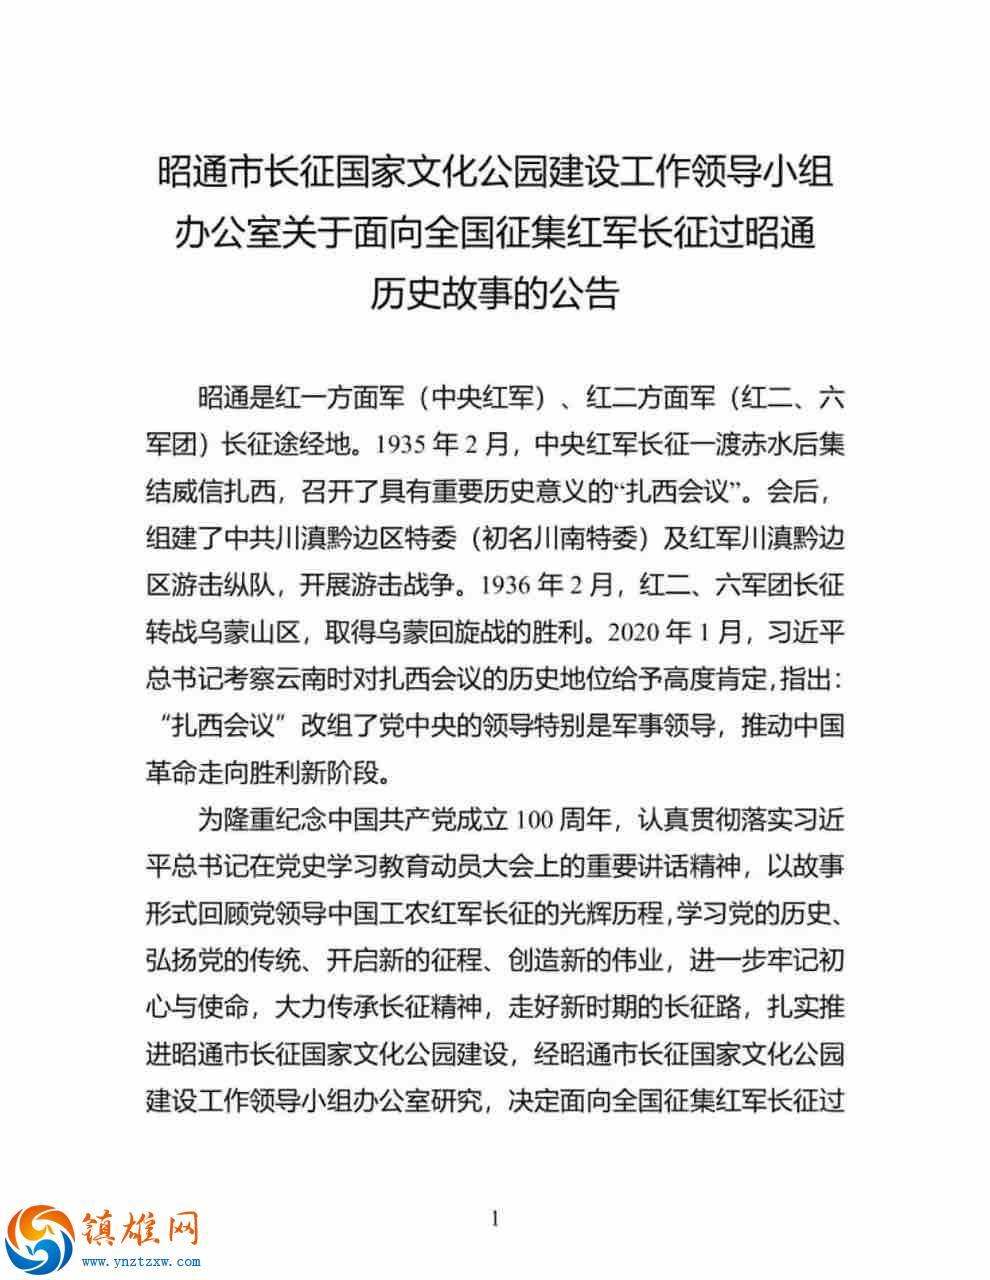 昭通市面向全国征集红军长征过昭通的历史故事!